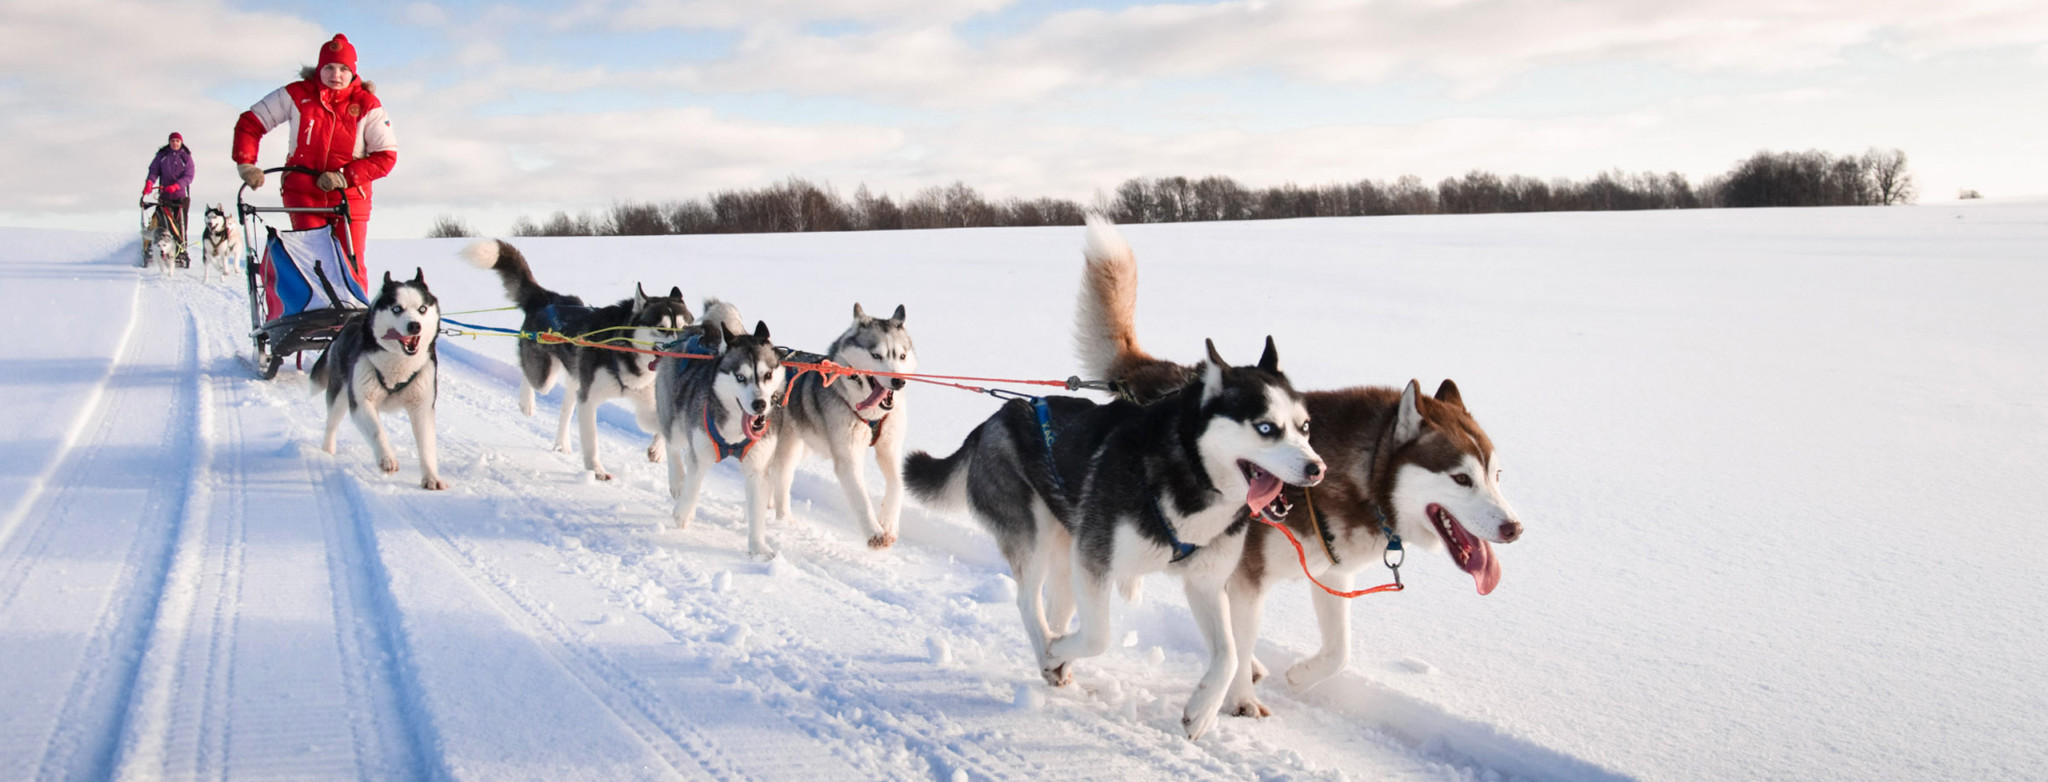 dog sledding - 1200×493